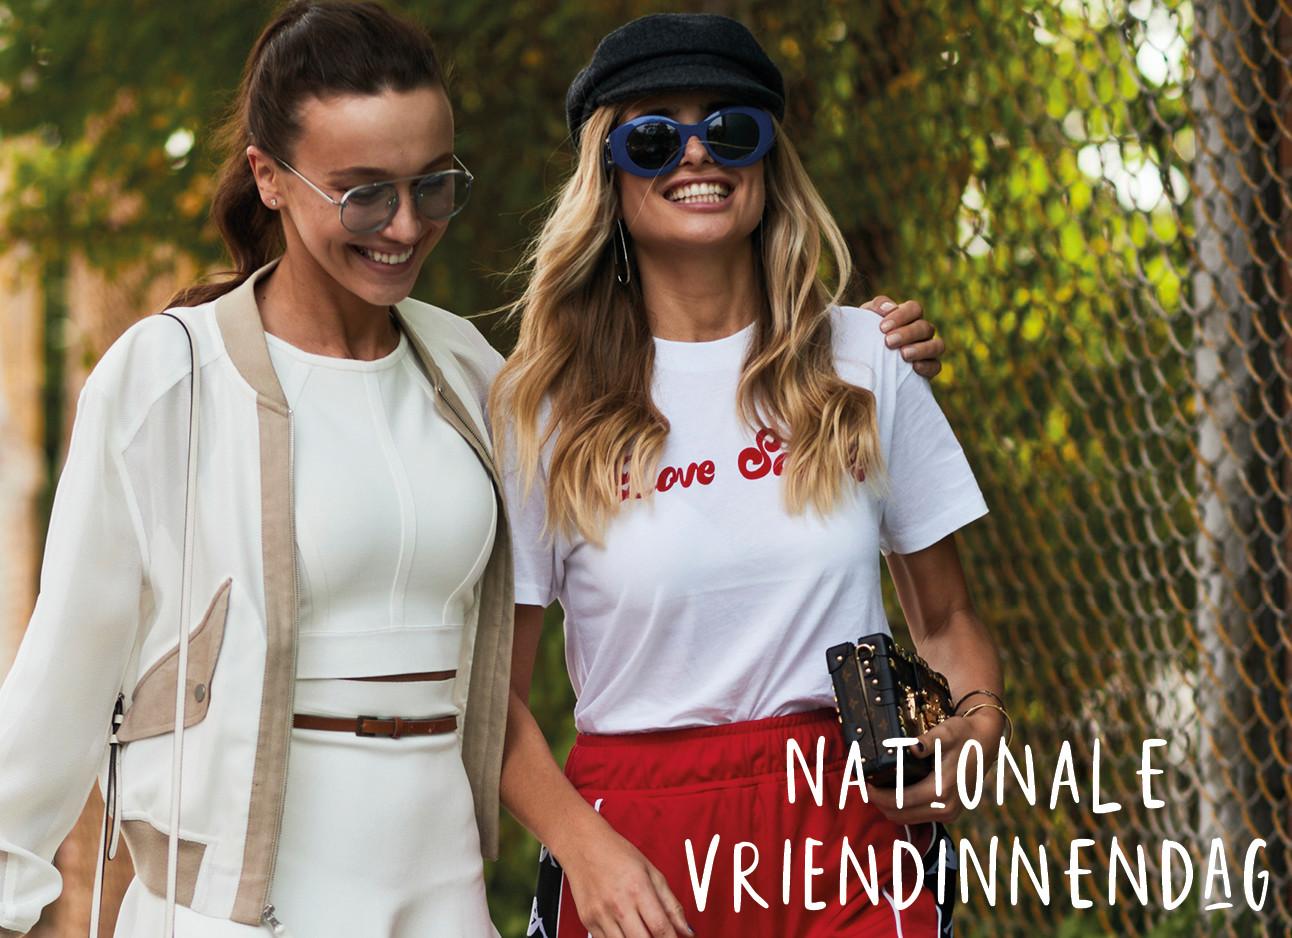 meisje in creme en meisje met rood rokje en wit shirt